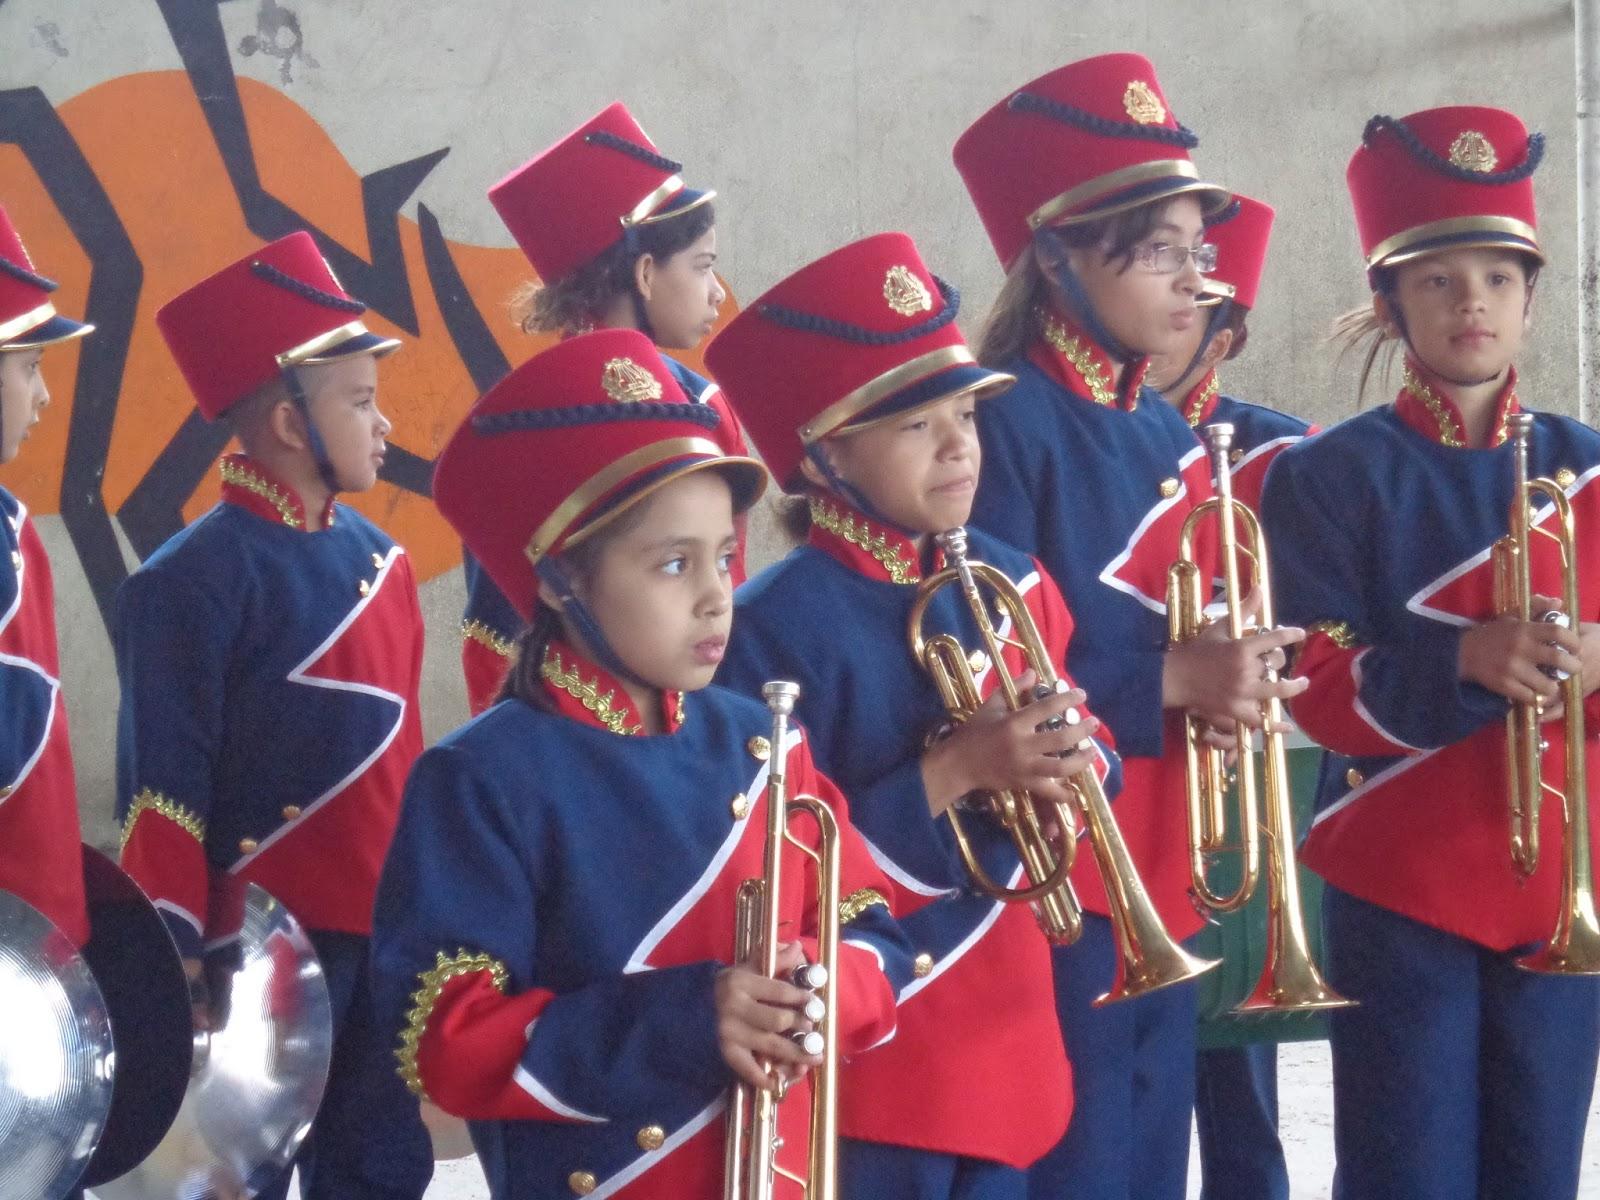 Banda Marcial toca para o Fund I - FREI CULTURA